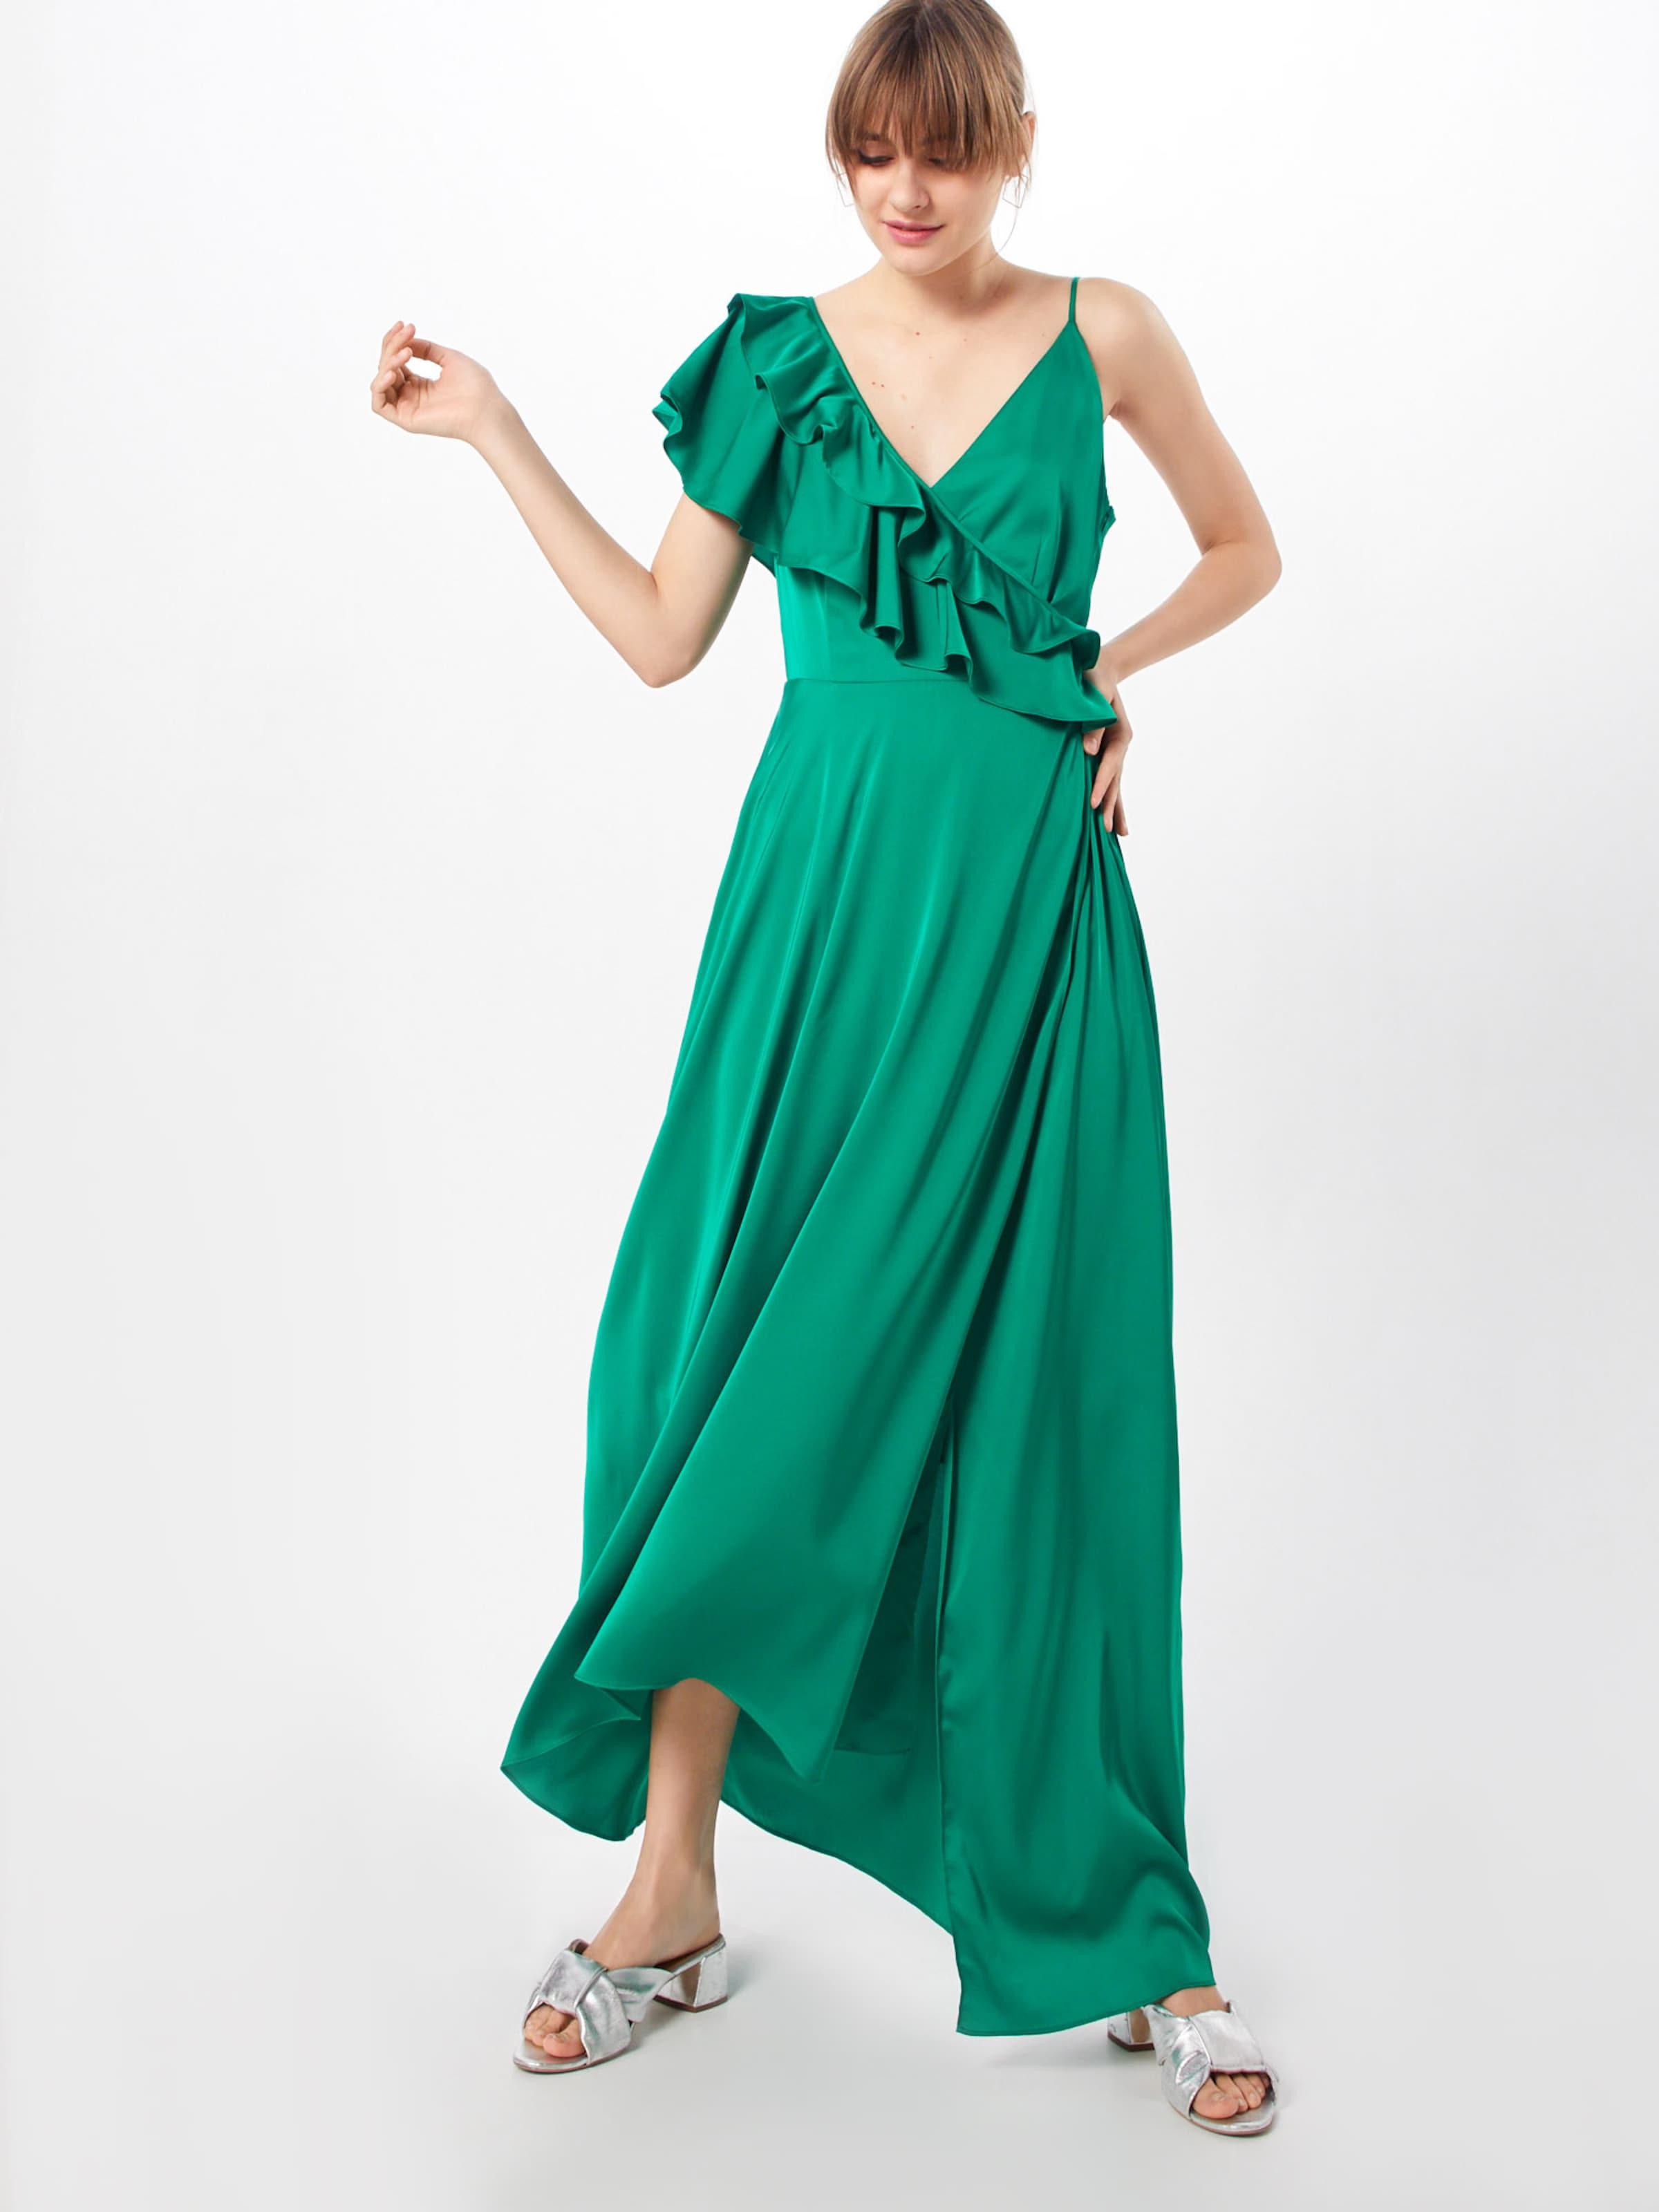 Smaragd In DamenKleider Haly' Day '2nd 2nd 6vmfyYgbI7